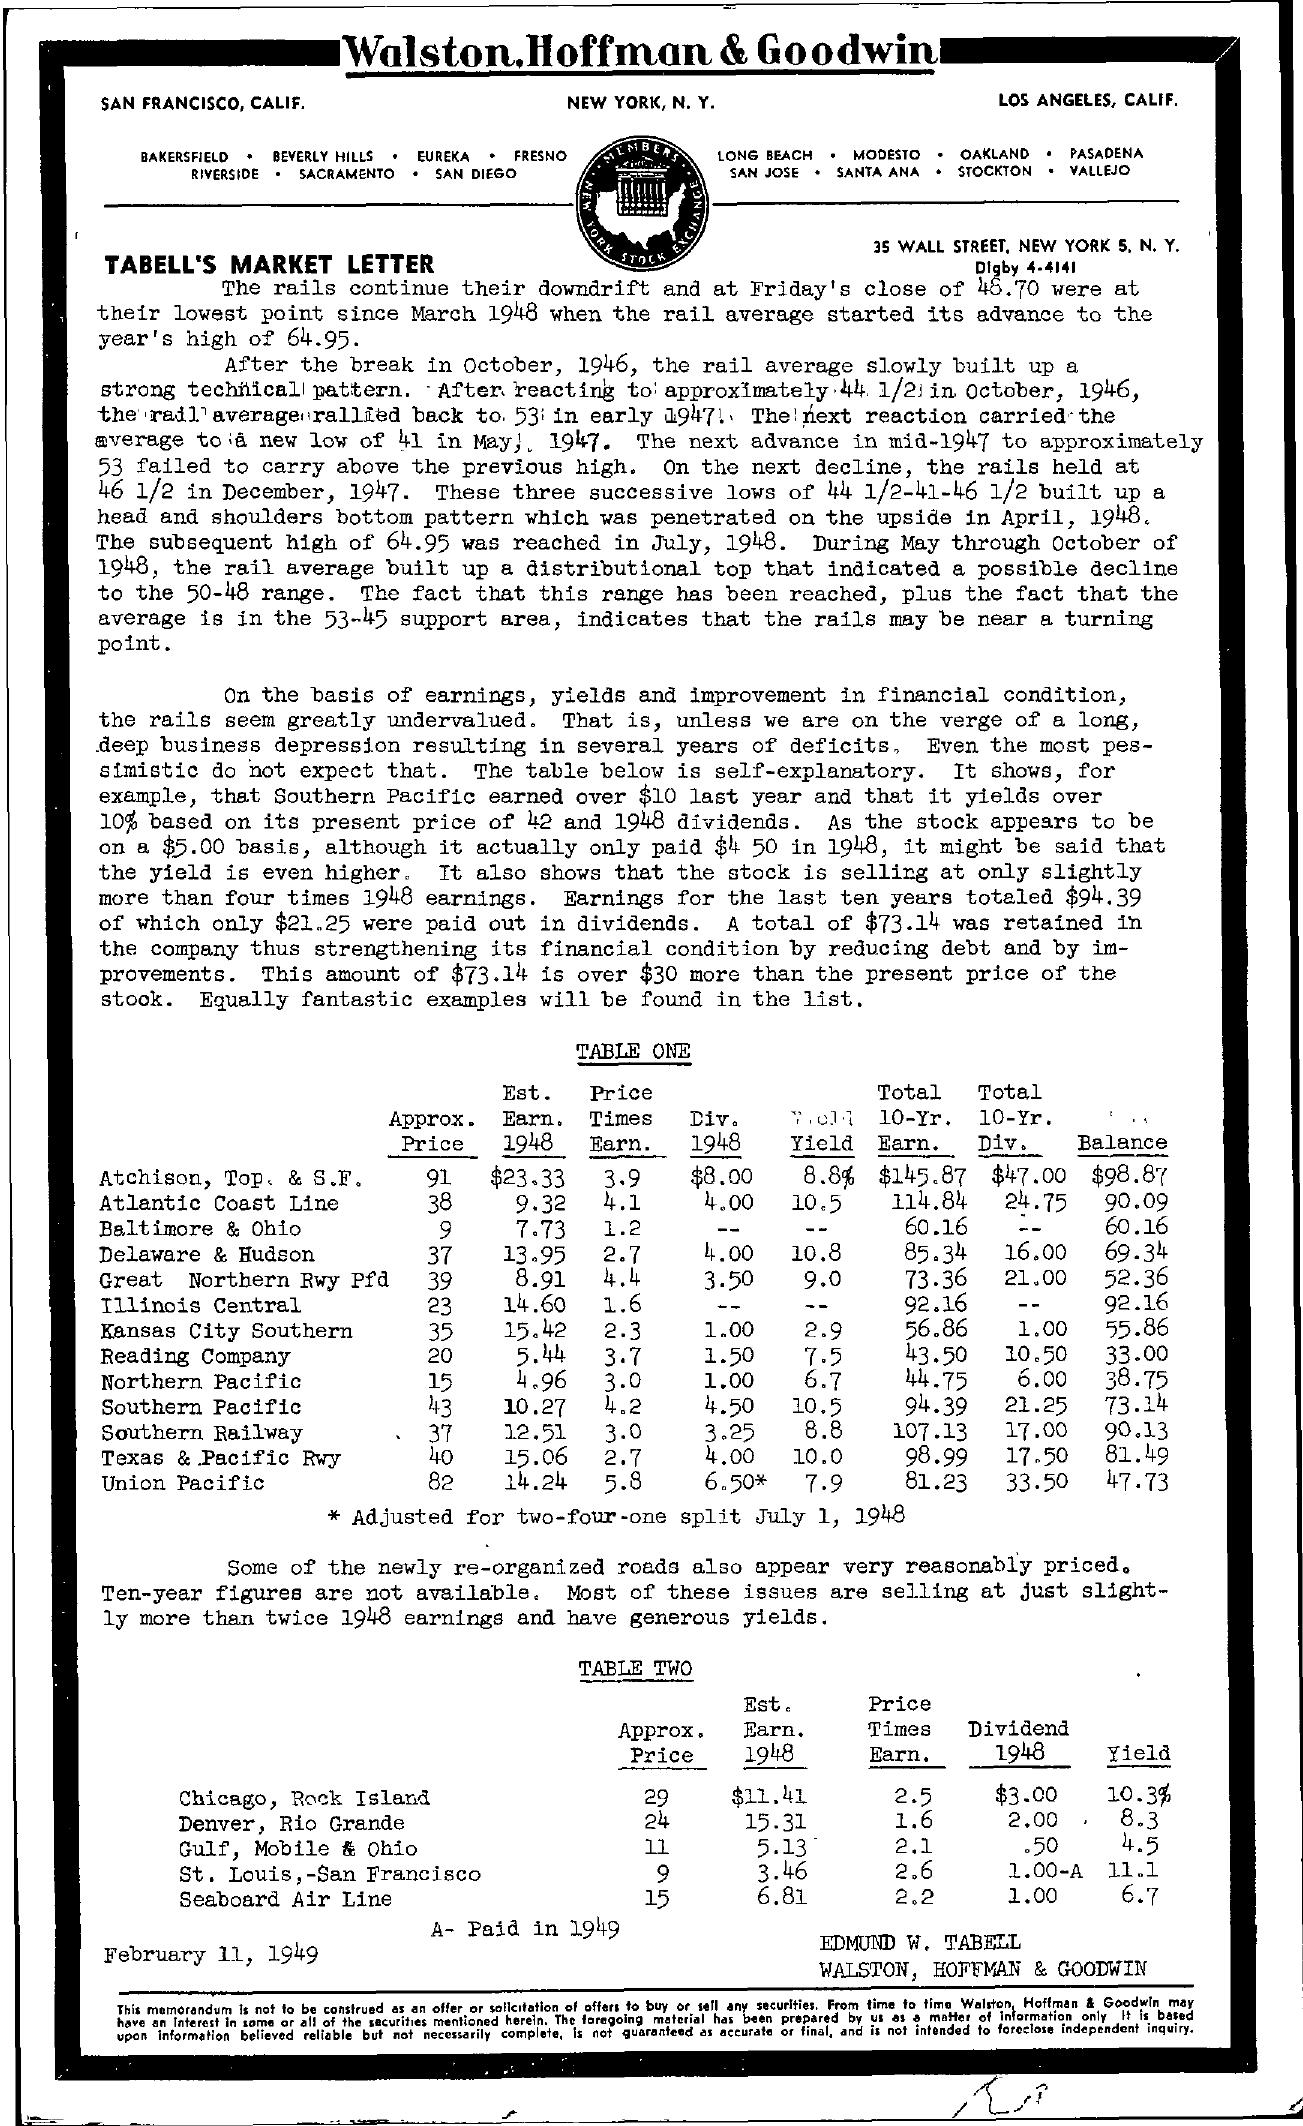 Tabell's Market Letter - February 11, 1949